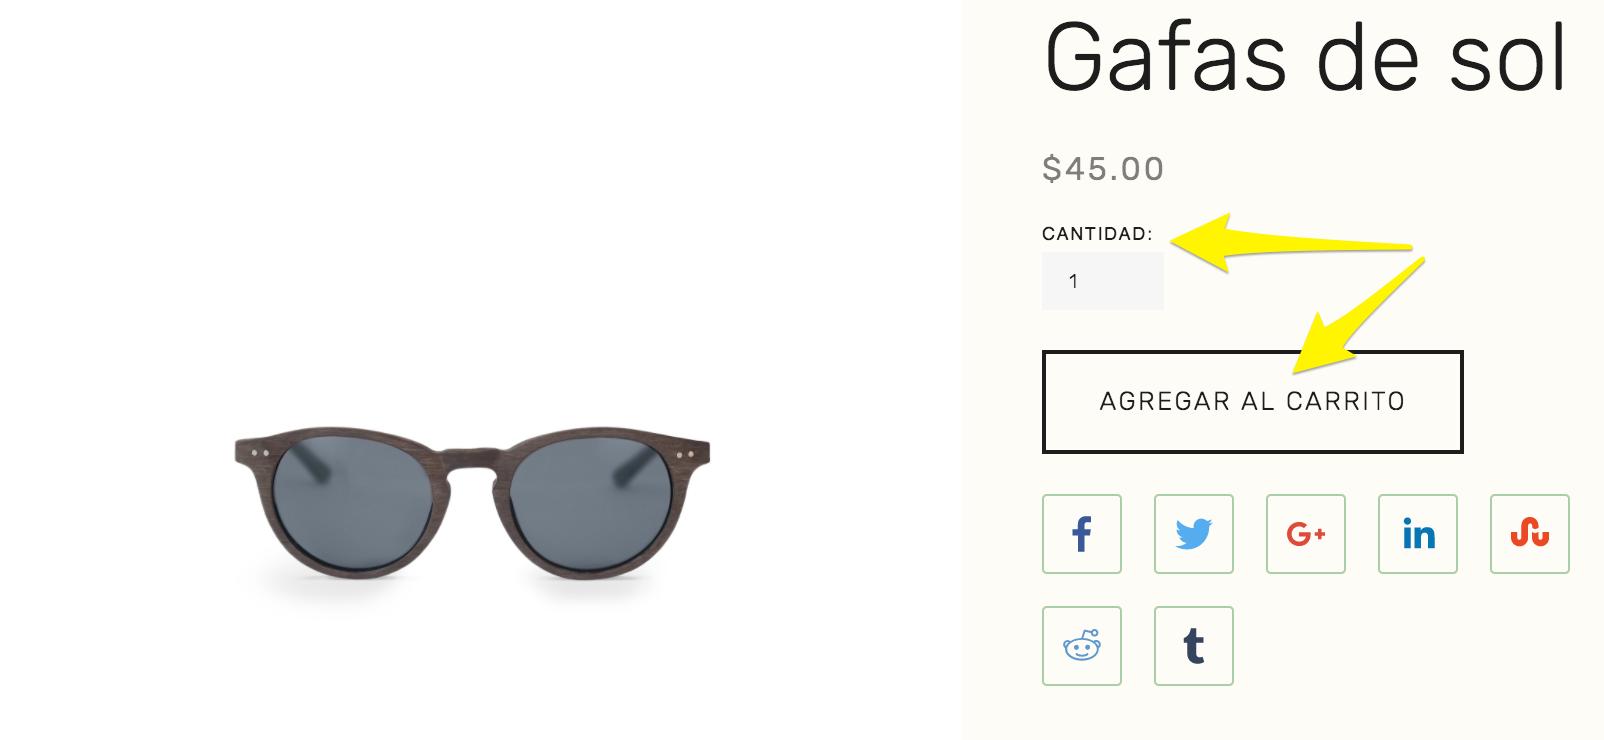 Gafas_de_sol.png